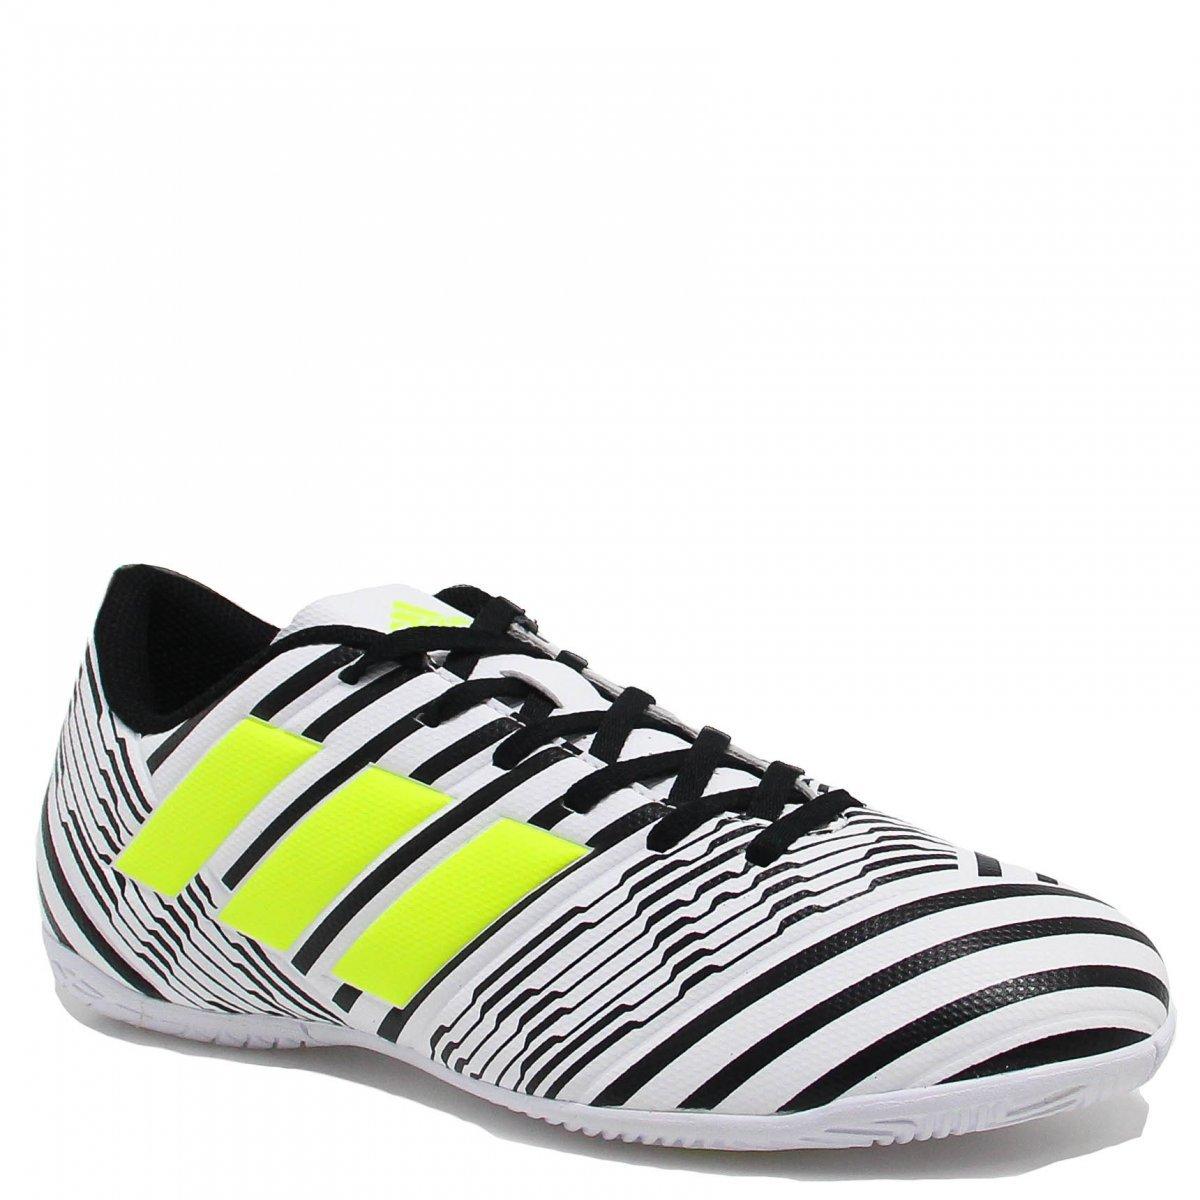 Chuteira Adidas Futsal NEMEZIZ 17.4 S82473  f7bc676c7a834